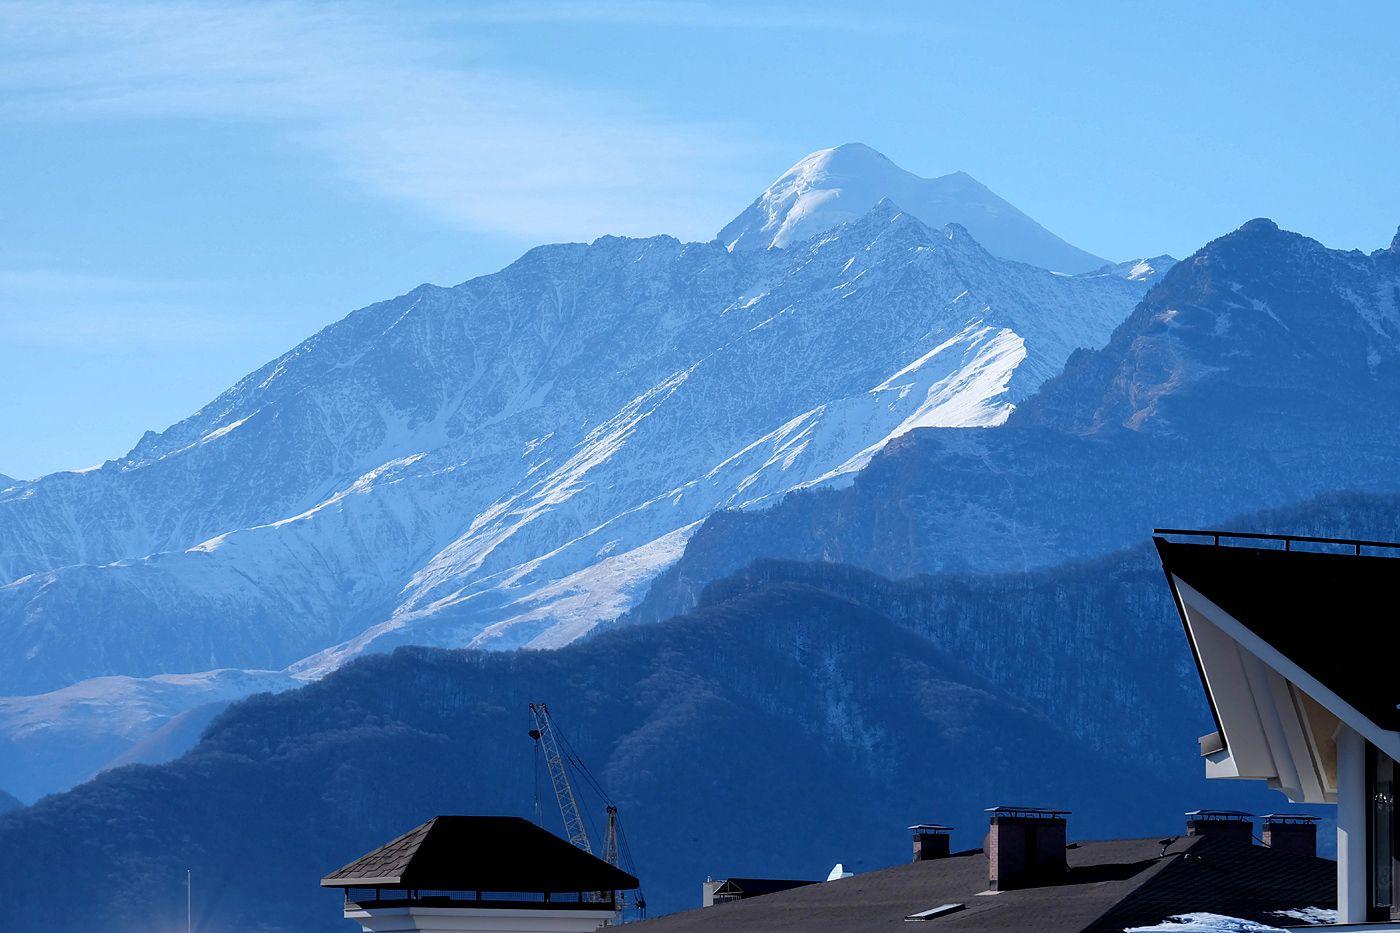 Вид на Казбек из Владикавказа Кавказ Владикавказ горы Казбек